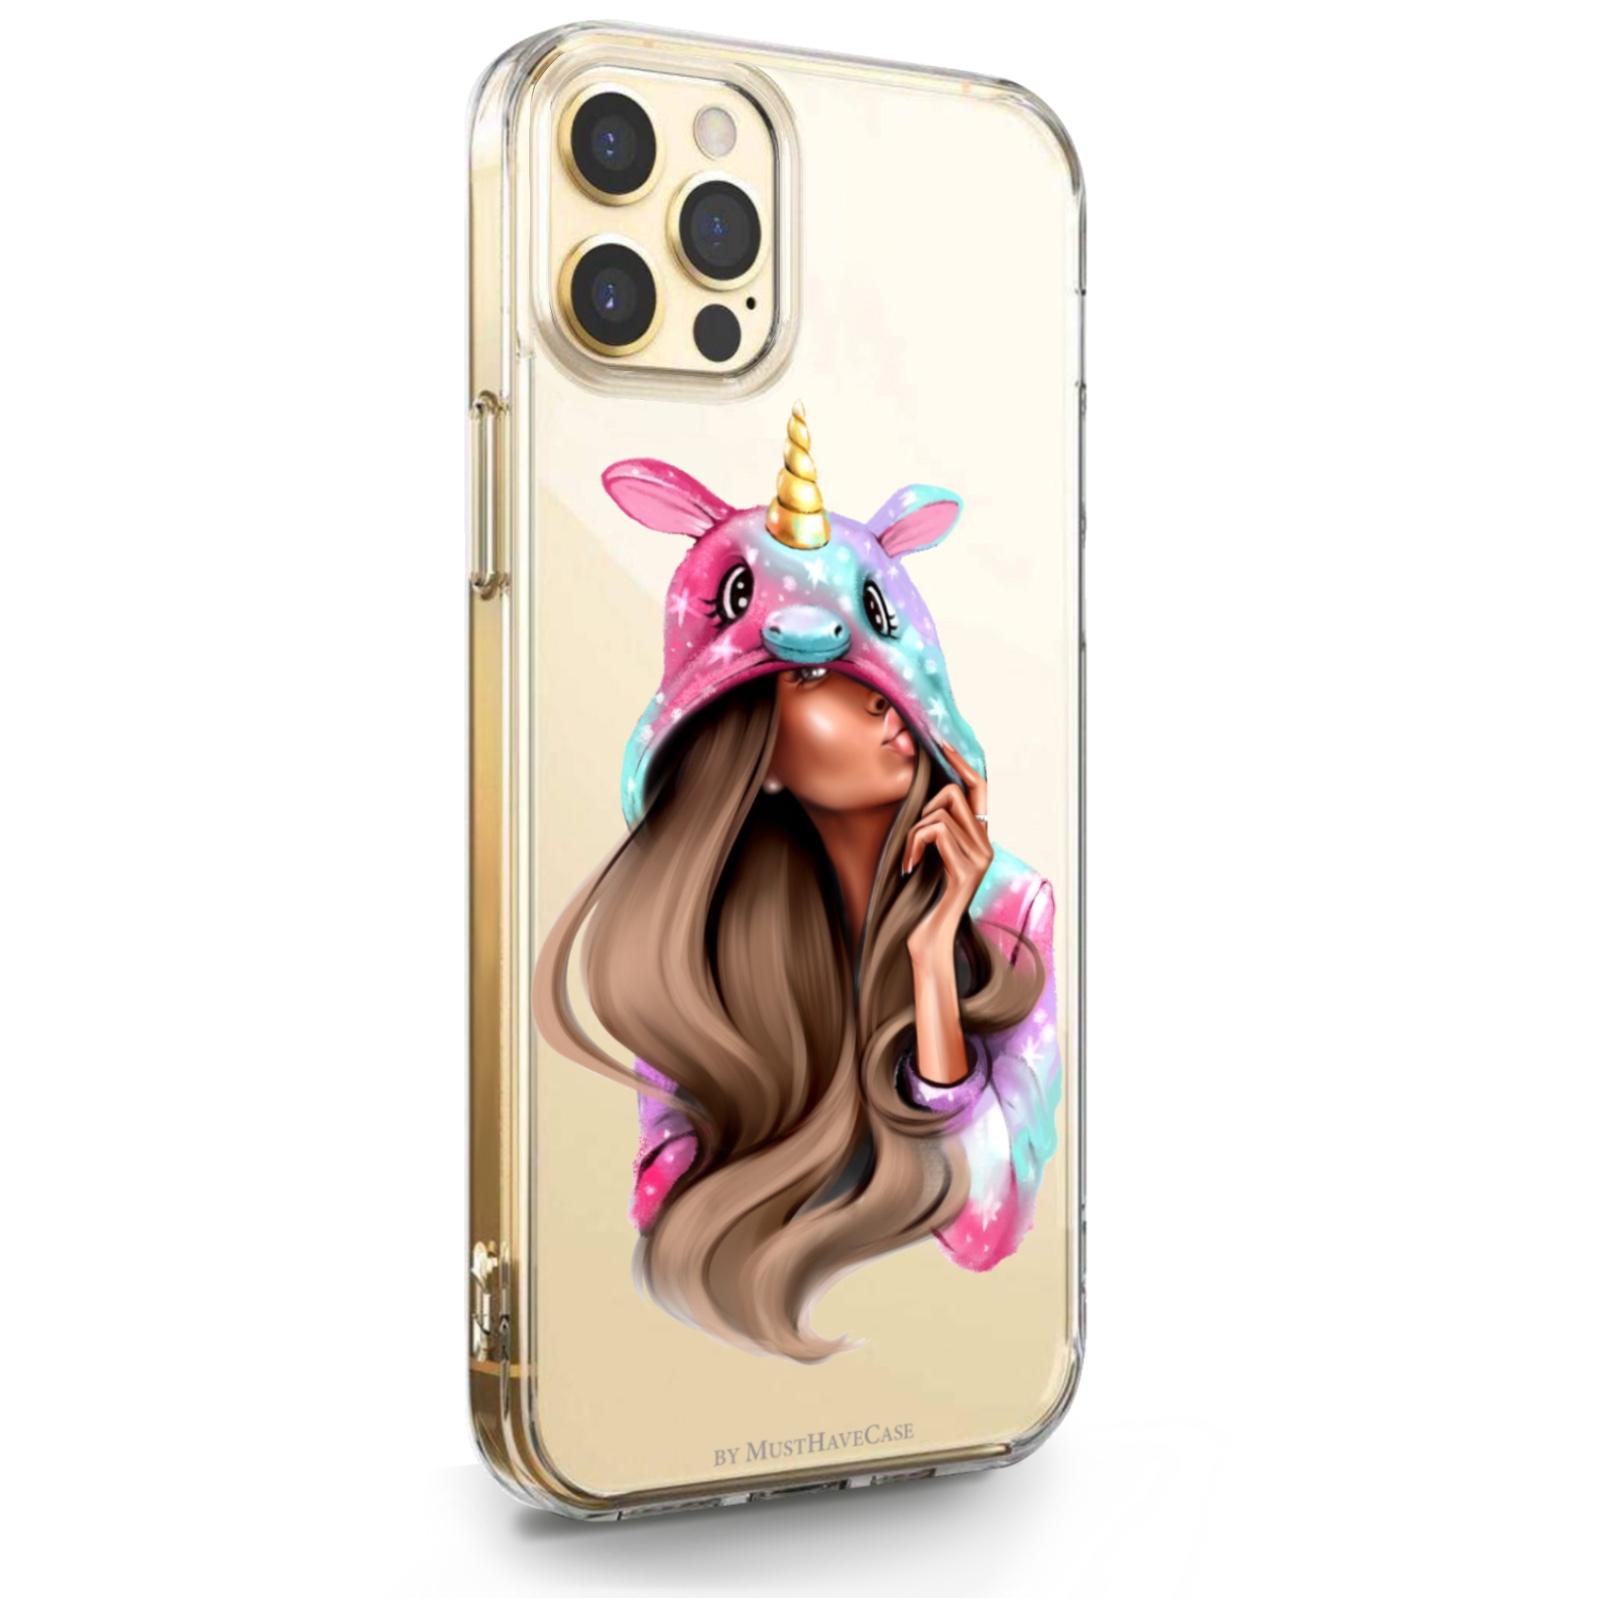 Прозрачный силиконовый чехол для iPhone 12 Pro Max Unicorn Girl/ Единорог для Айфон 12 Про Макс